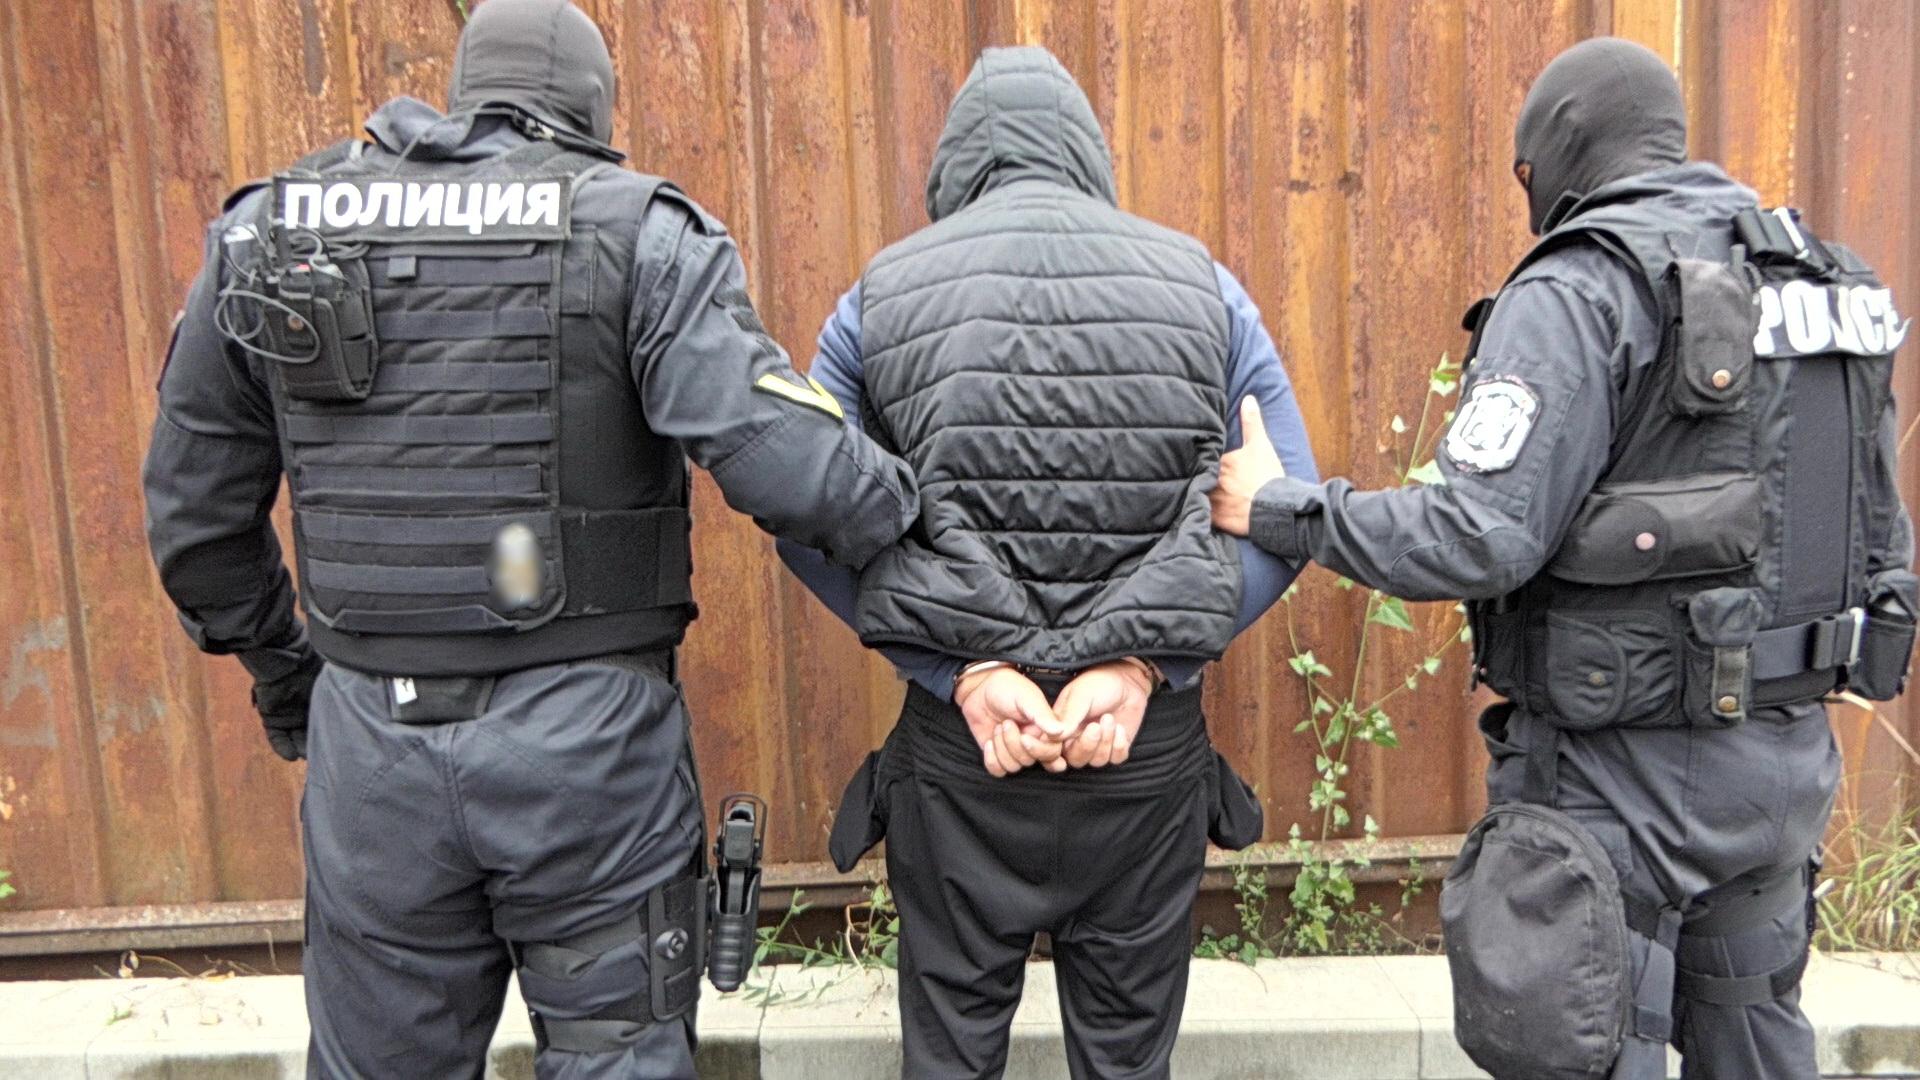 Задържаха банда за грабежи в София, гонка и катастрофа